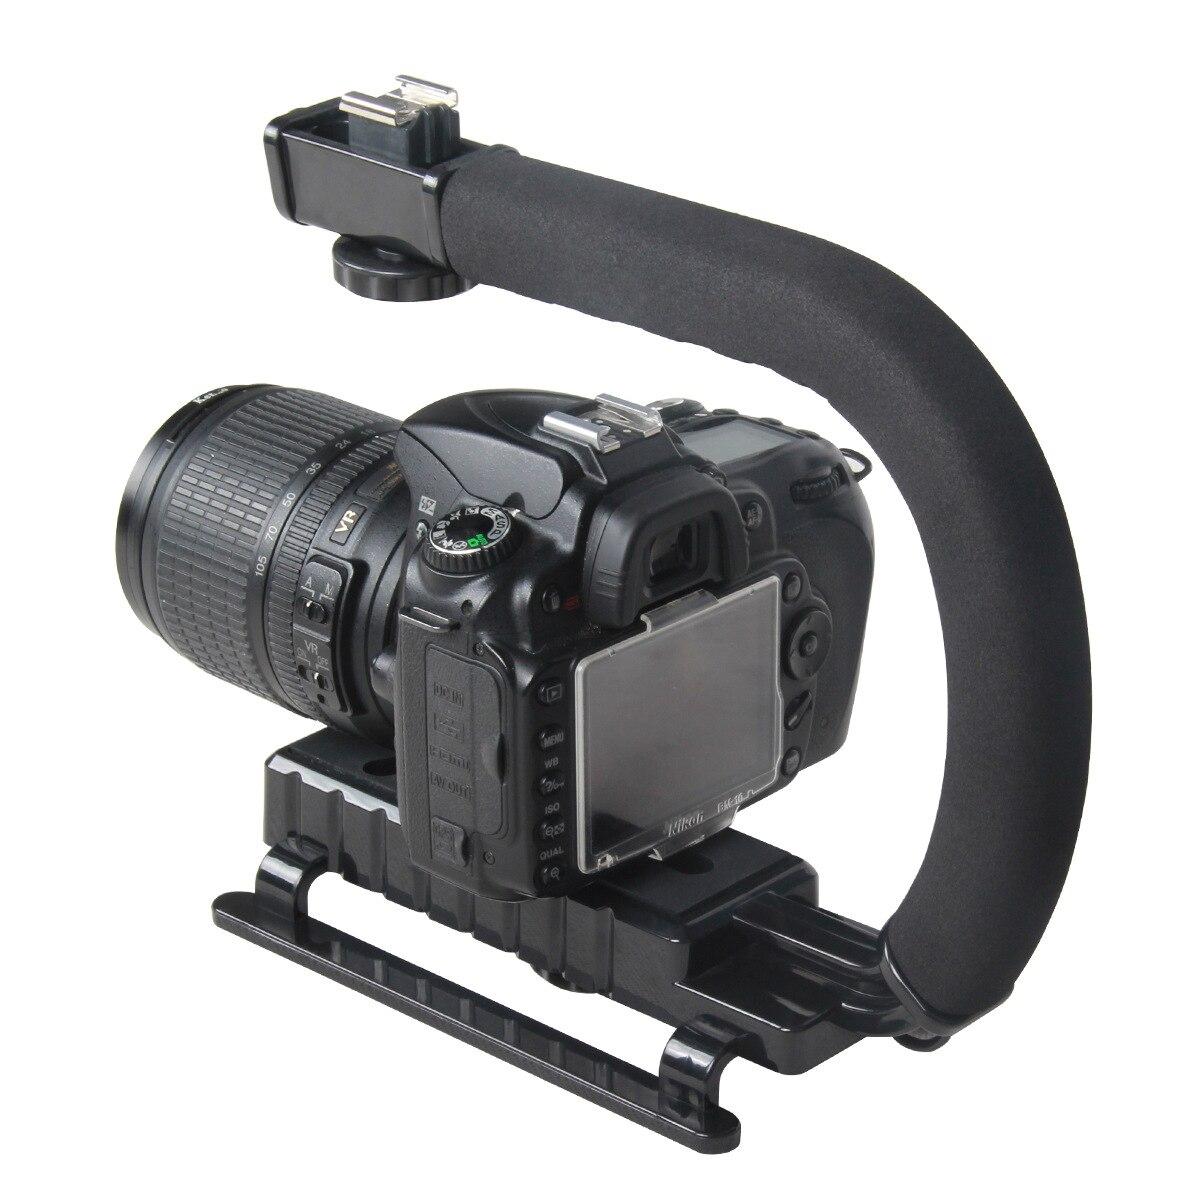 C en forma de soporte de Video de cardán estabilizador para DSLR cámara Nikon Canon Sony y Luz Portátil Steadicam